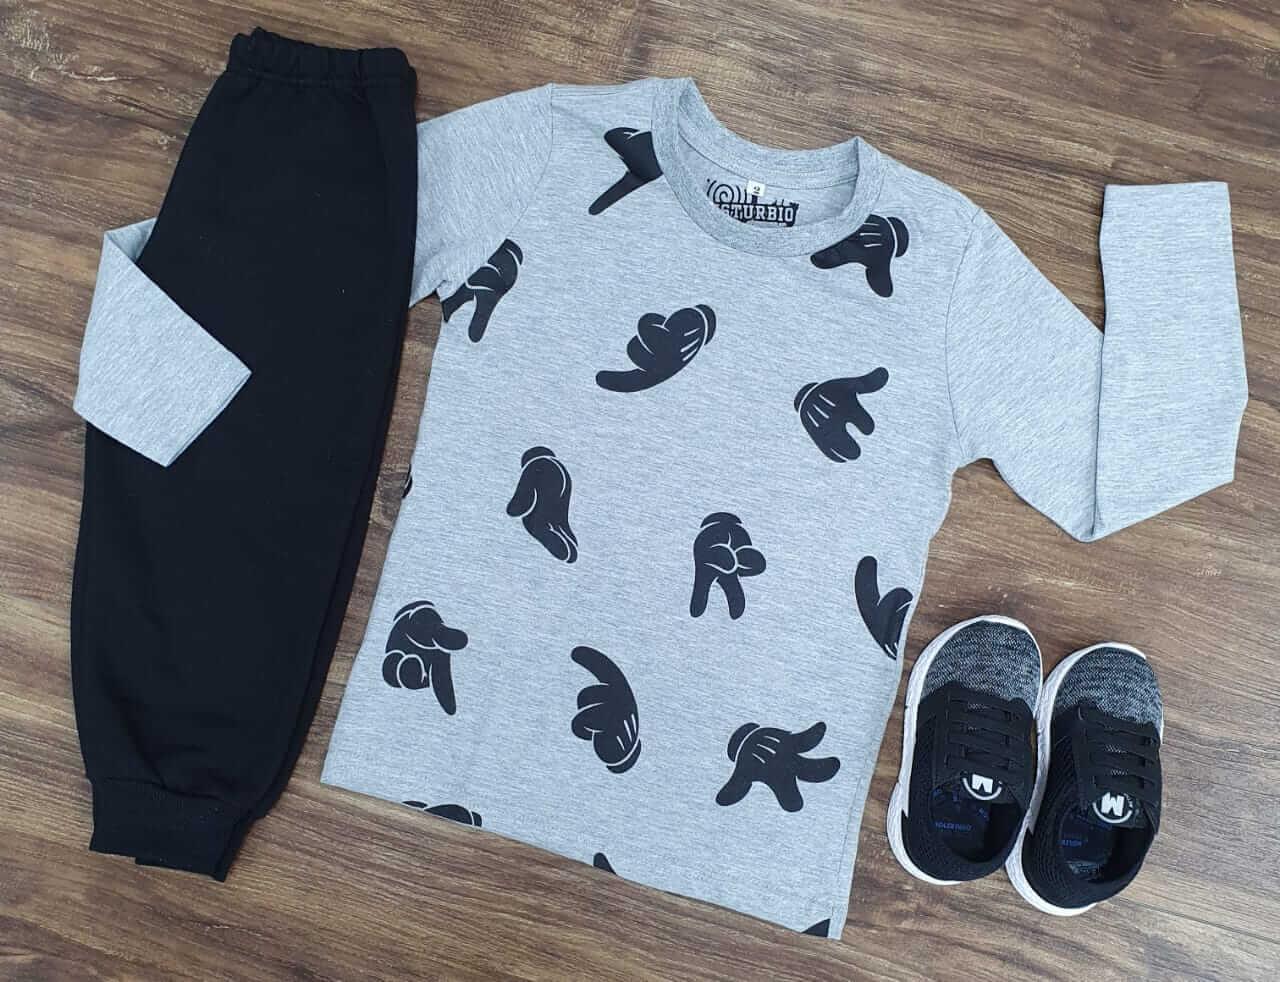 Calça de Moletom com Camiseta Manga Longa Cinza